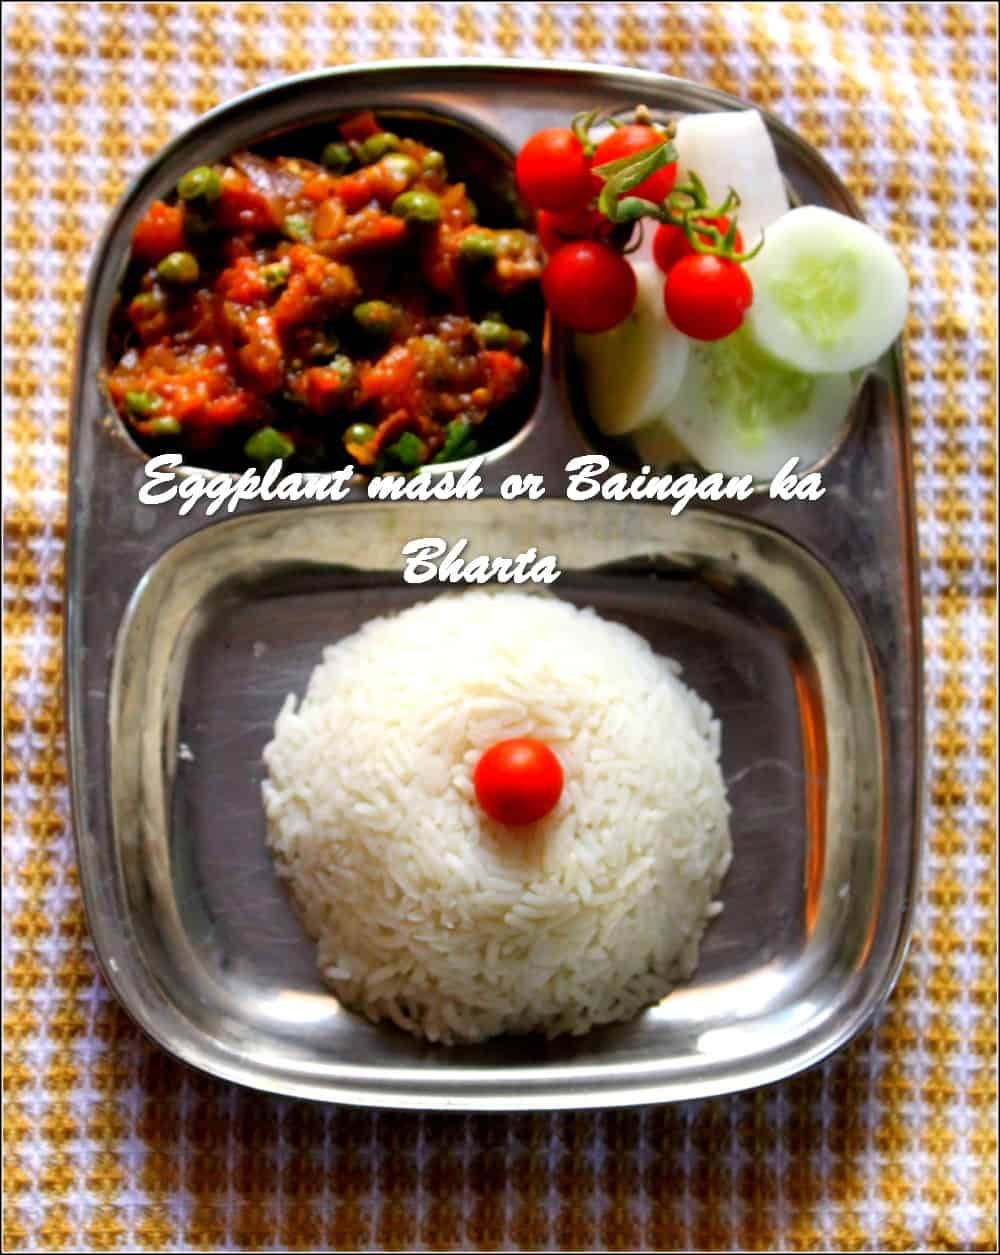 TRH Eggplant mash or Baingan ka Bharta